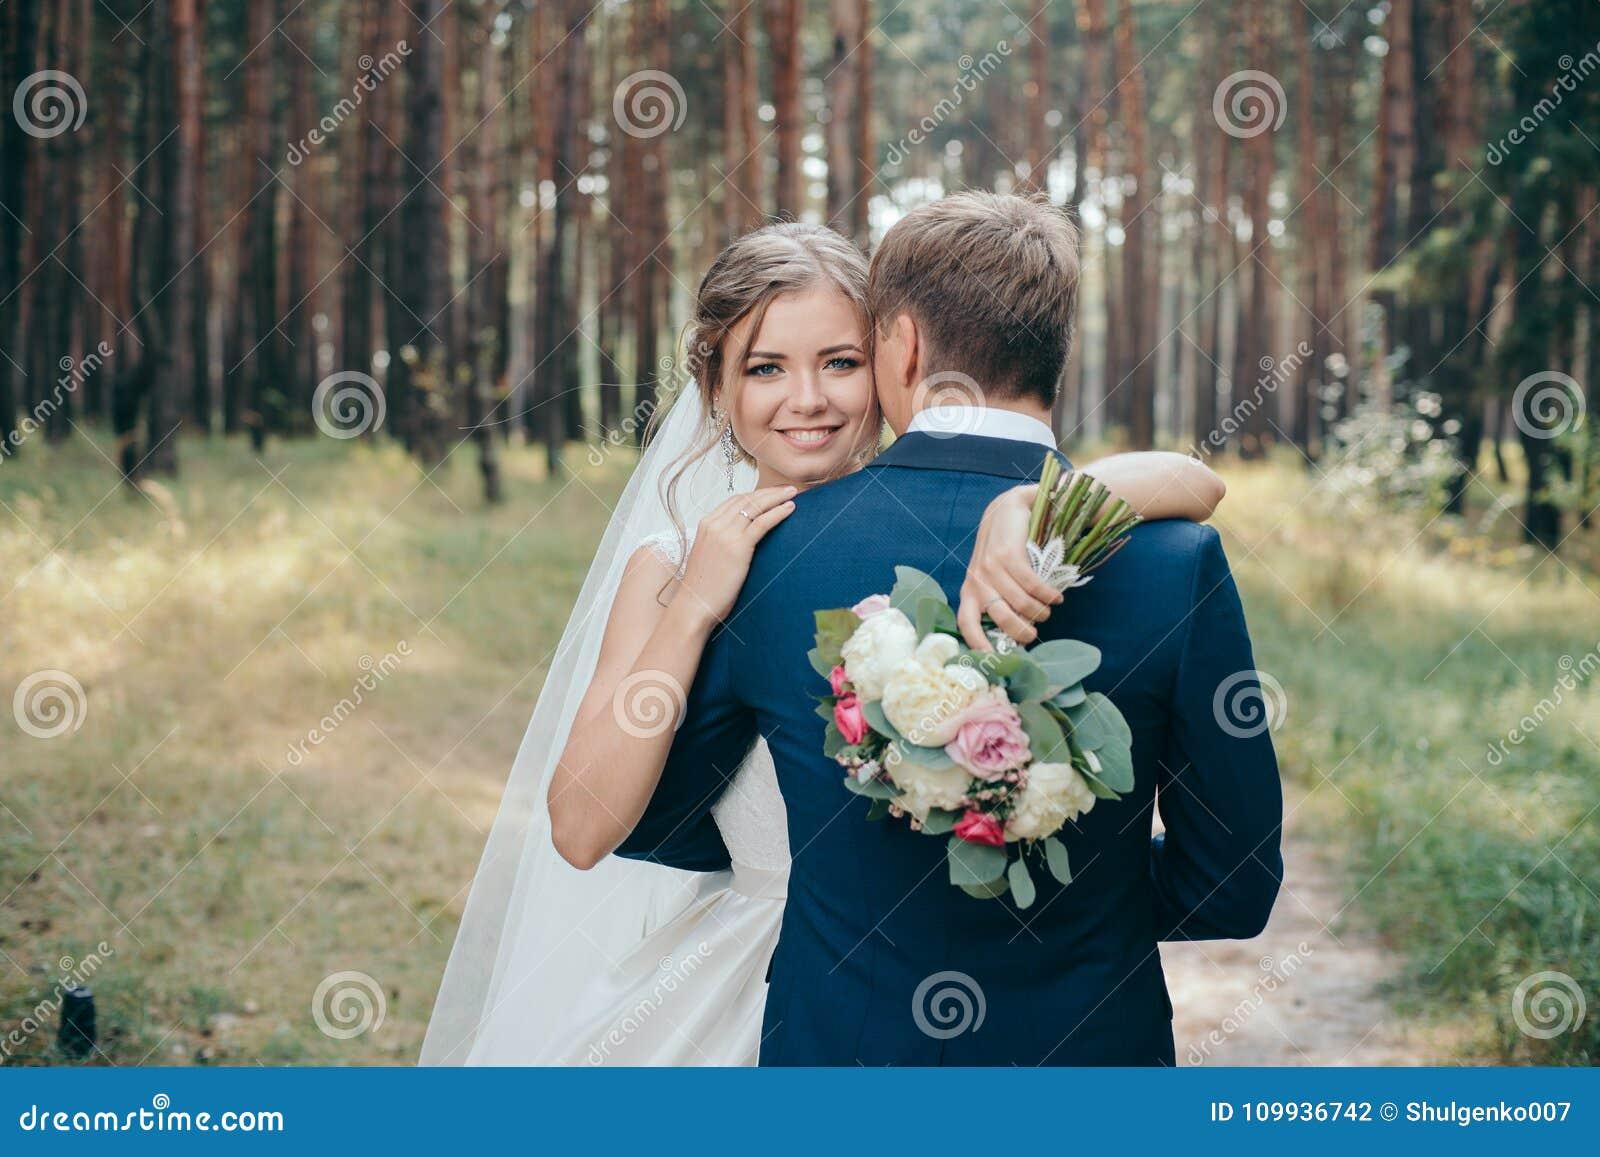 Η νύφη και ο νεόνυμφος στο γάμο ντύνουν στο φυσικό υπόβαθρο ευτυχής εκλεκτής ποιότητας γάμος ημέρας ζευγών ιματισμού Το Newlyweds